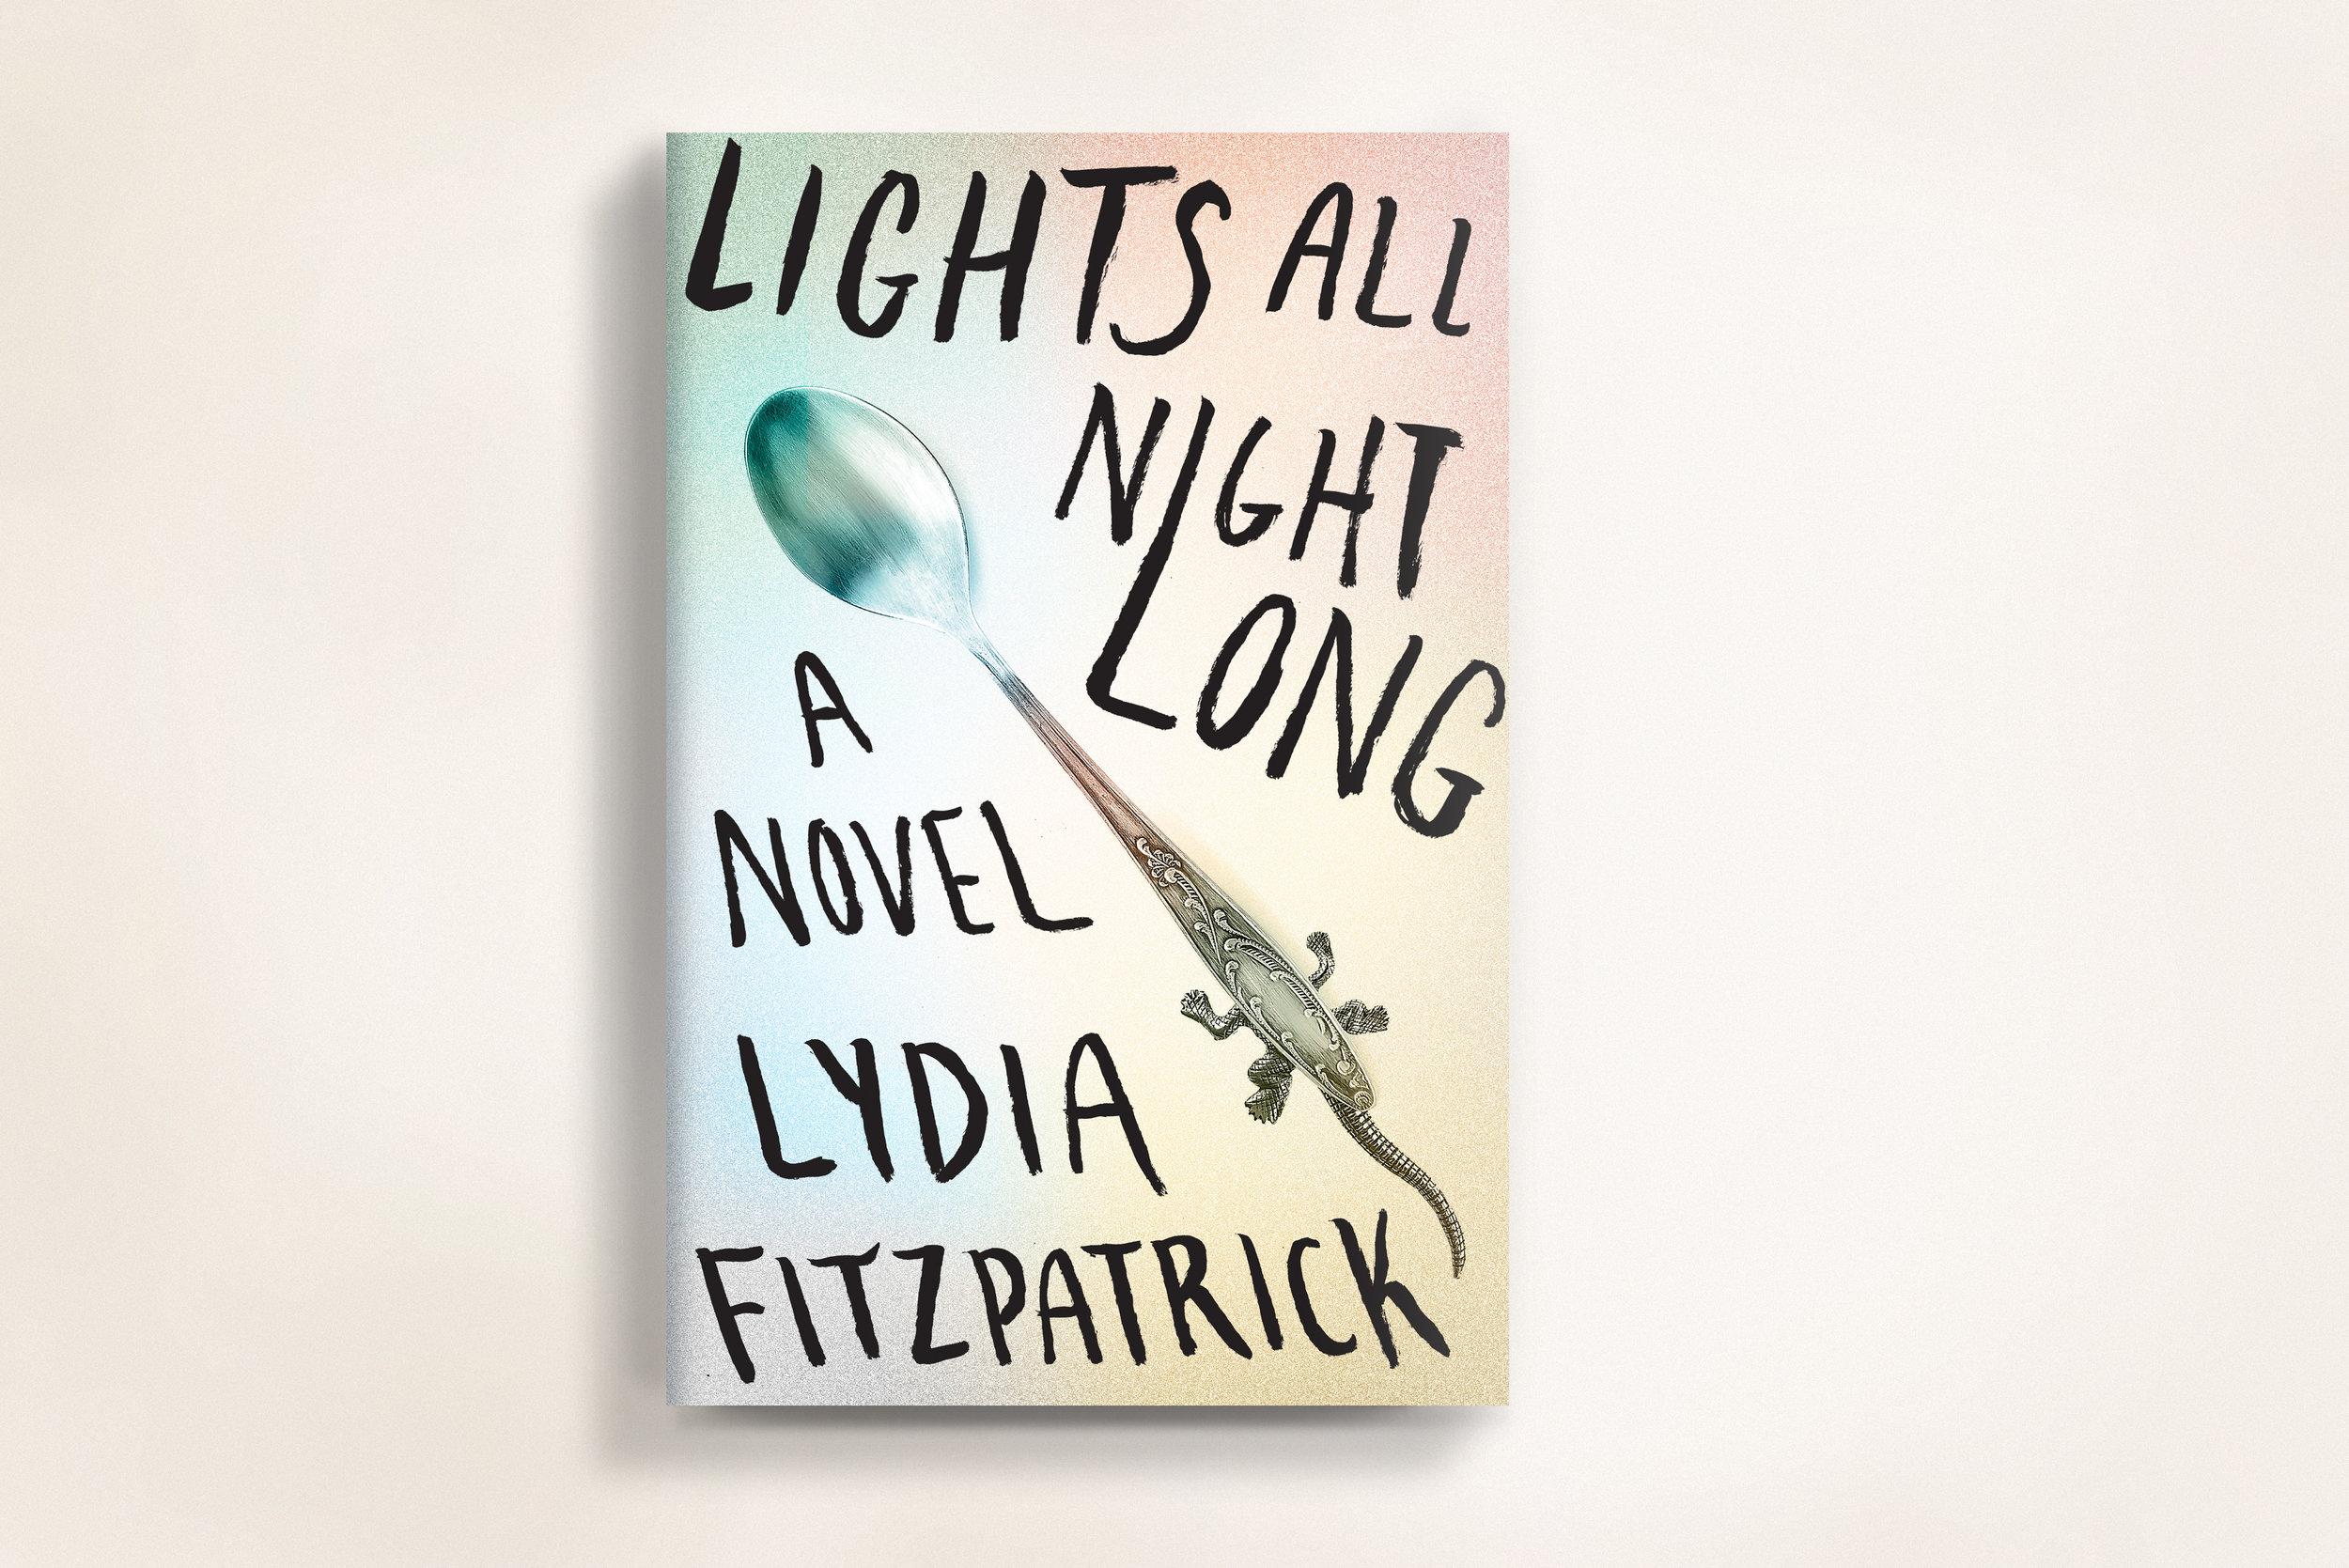 Lights_All_Night_Long_2.jpg